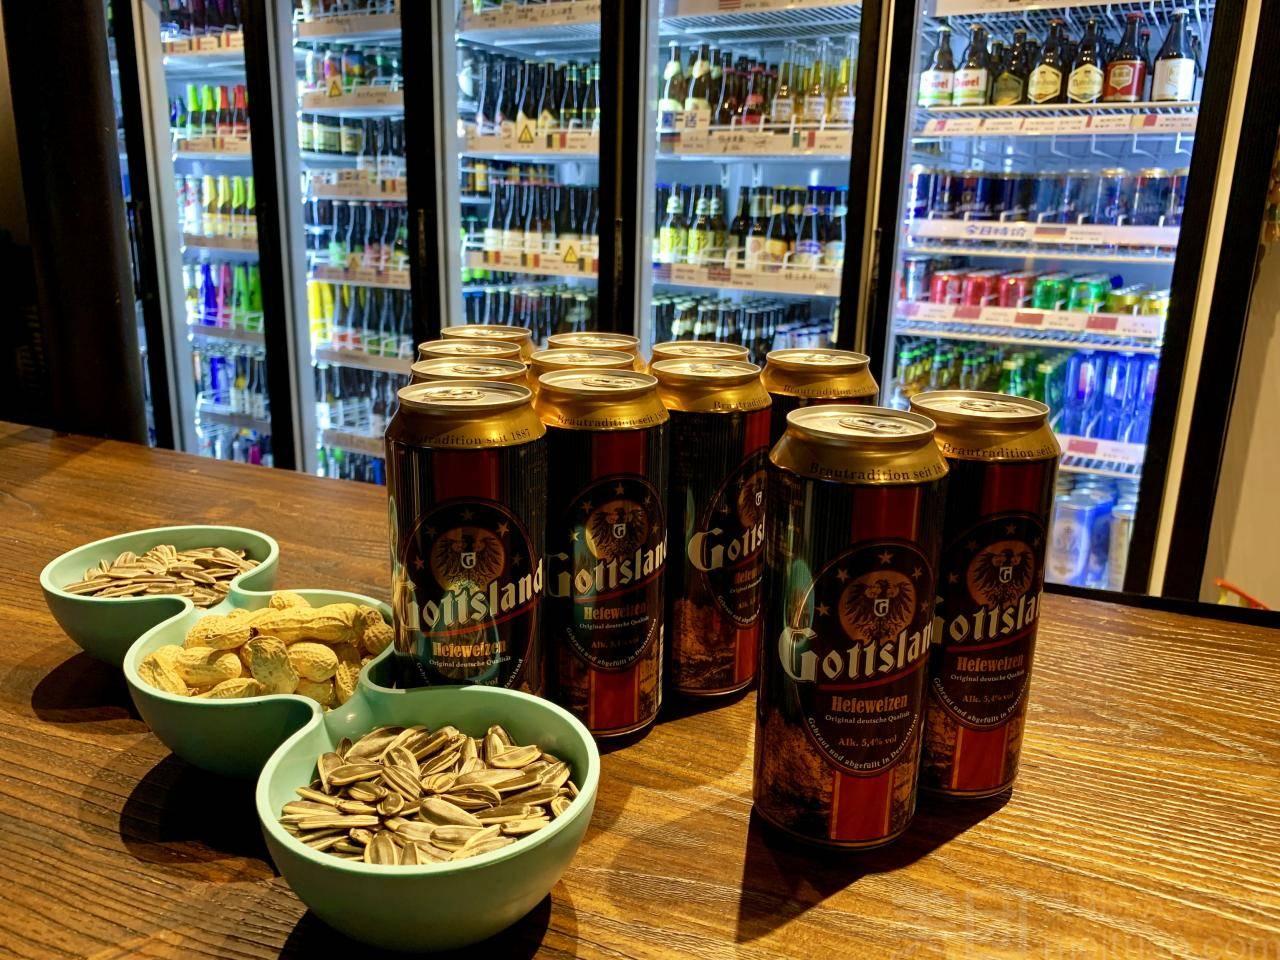 精酿啤酒吧投资要多少-精酿啤酒(啤酒屋)需要投资多少?-大麦丫-精酿啤酒连锁超市,工厂店平价酒吧免费加盟